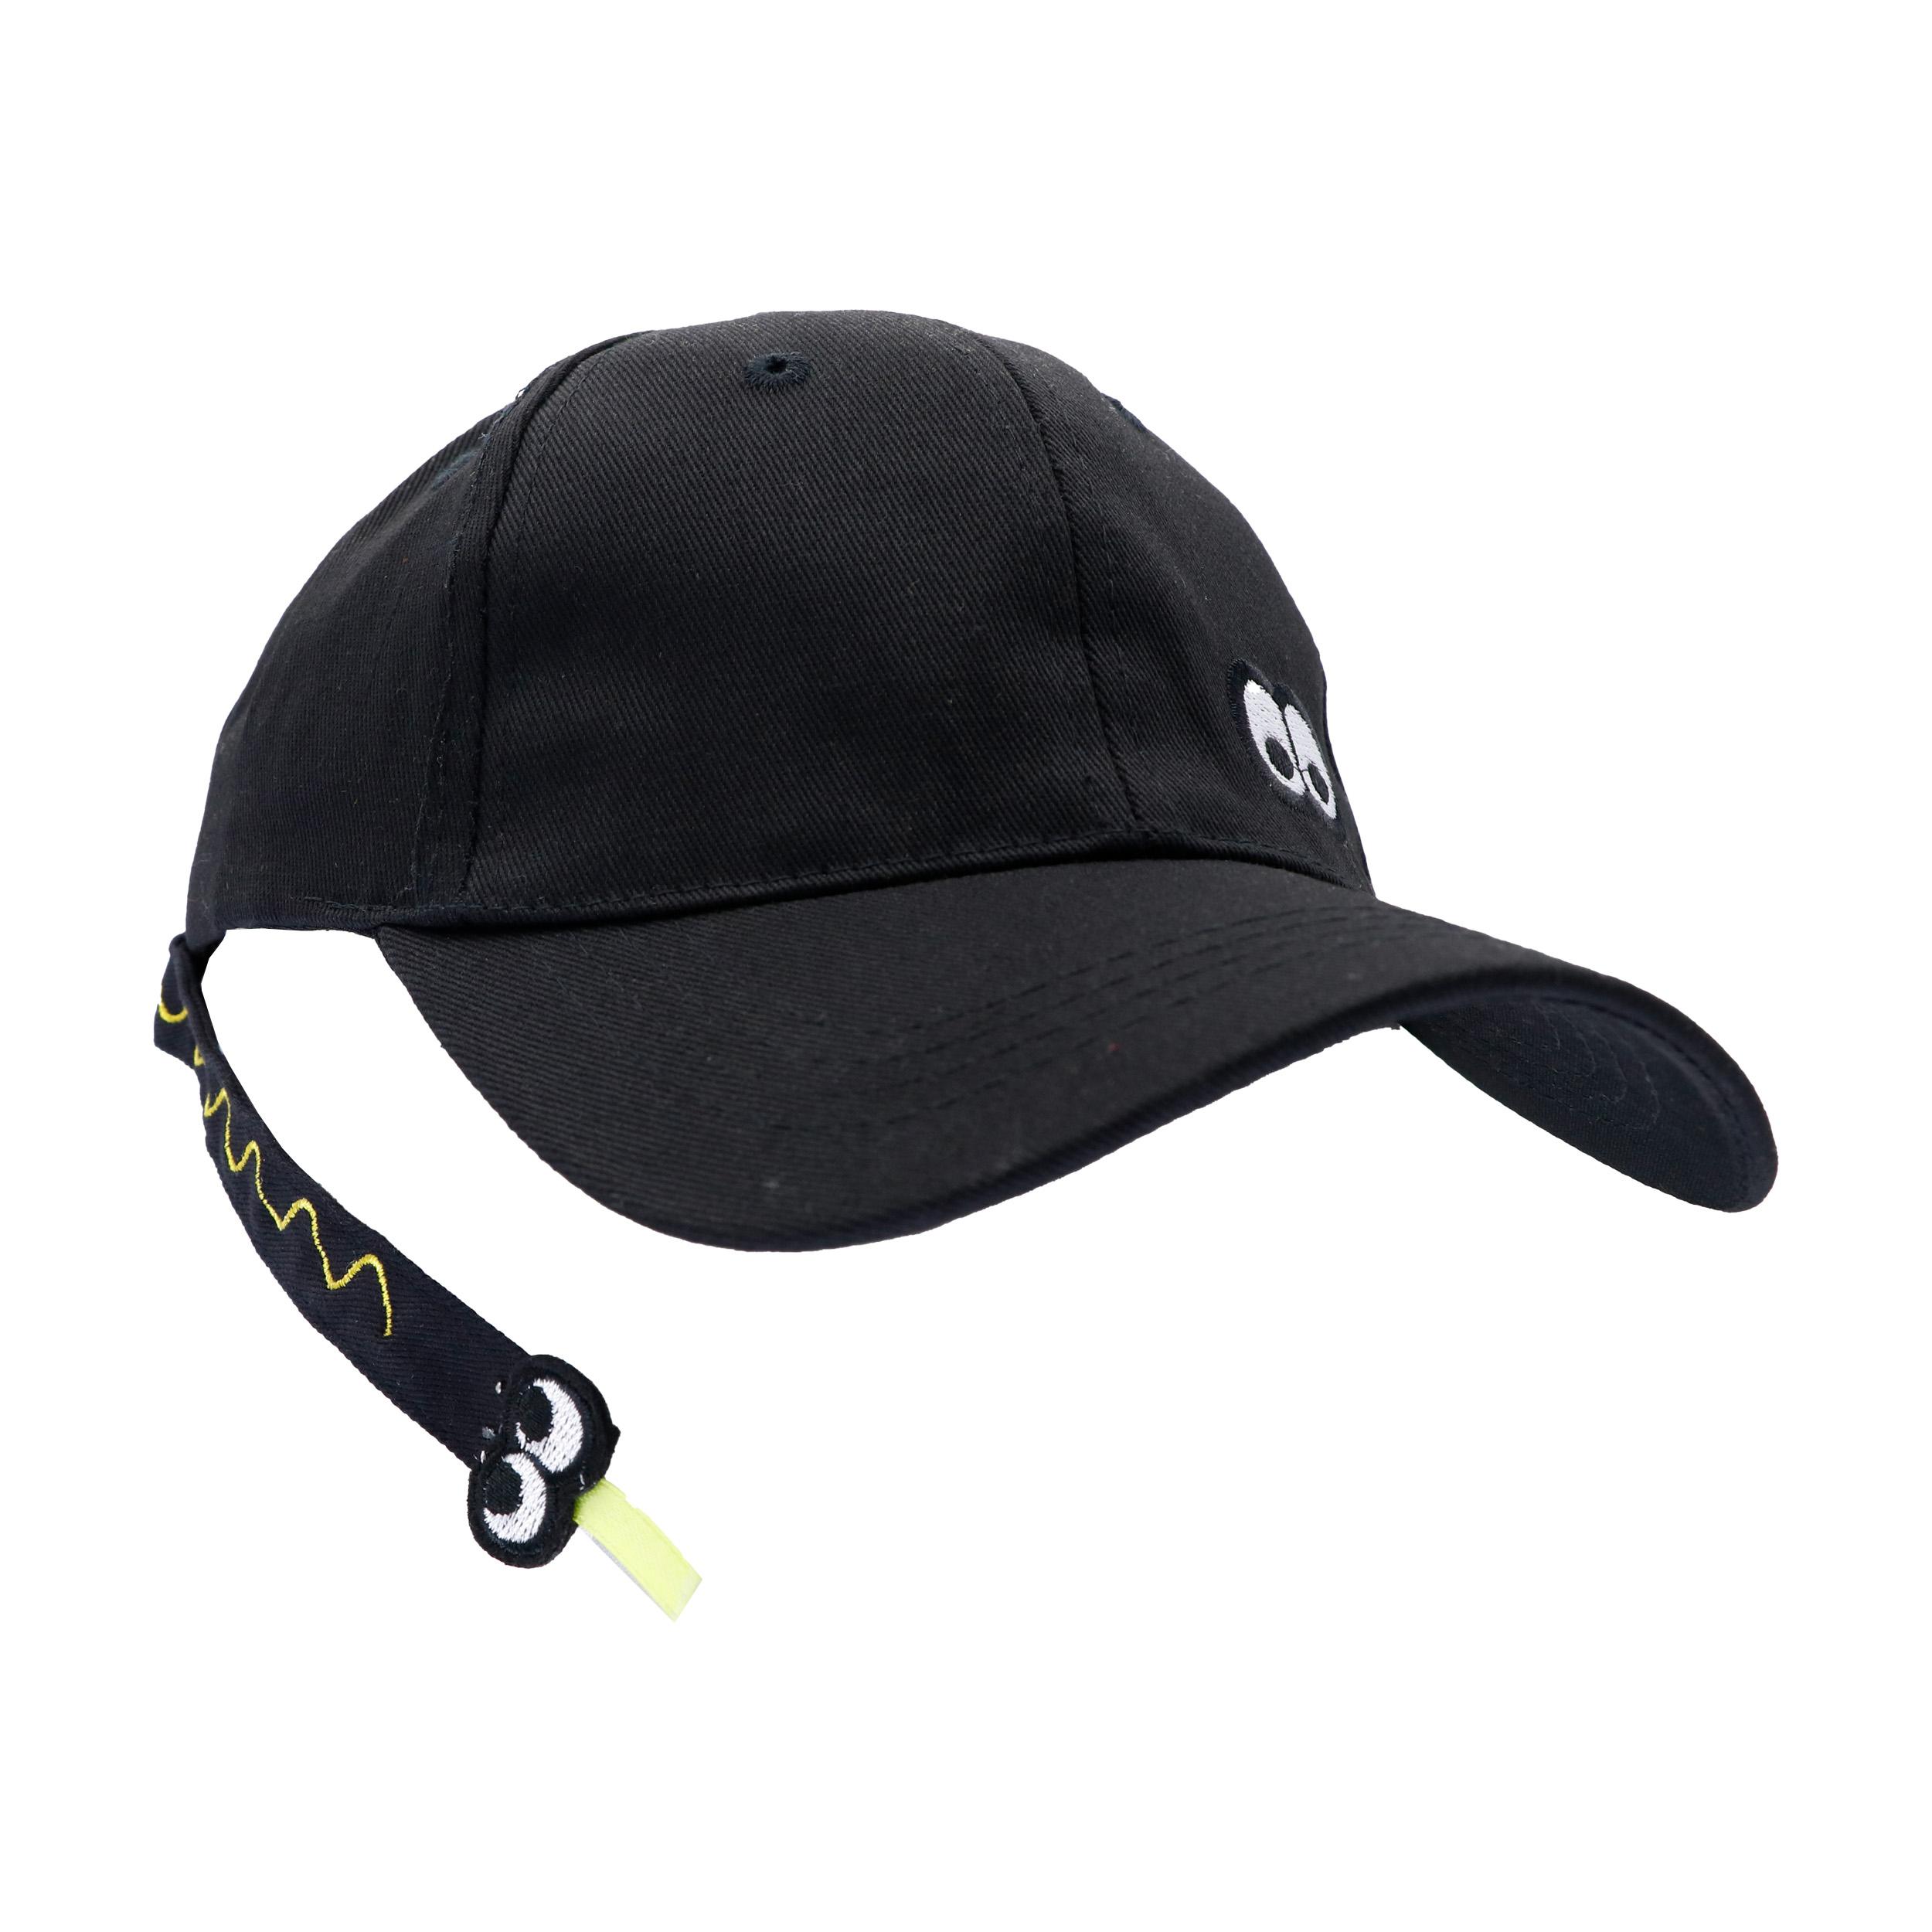 کلاه کپ بچگانه مدل LIN-CHESH رنگ مشکی